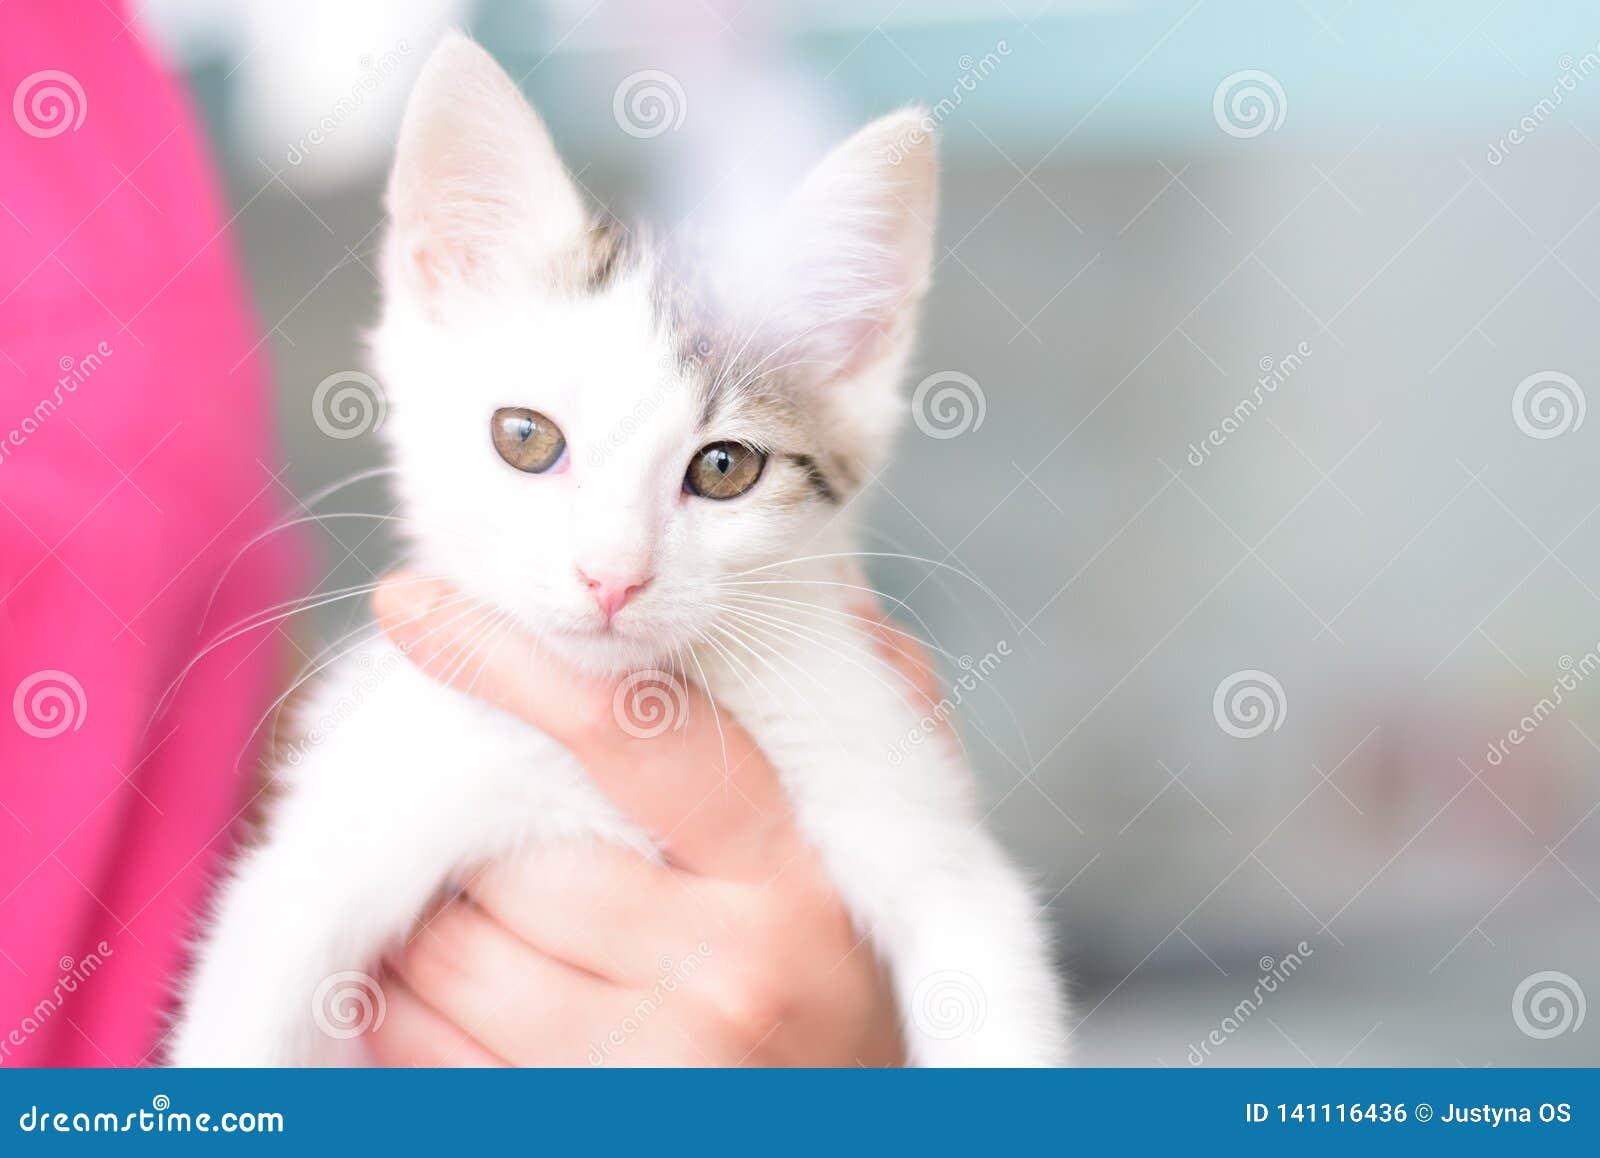 在手上的被隔绝的白色美丽的猫有磁性眼睛的由一个兽医诊所的一个兽医助理举行 看凸轮